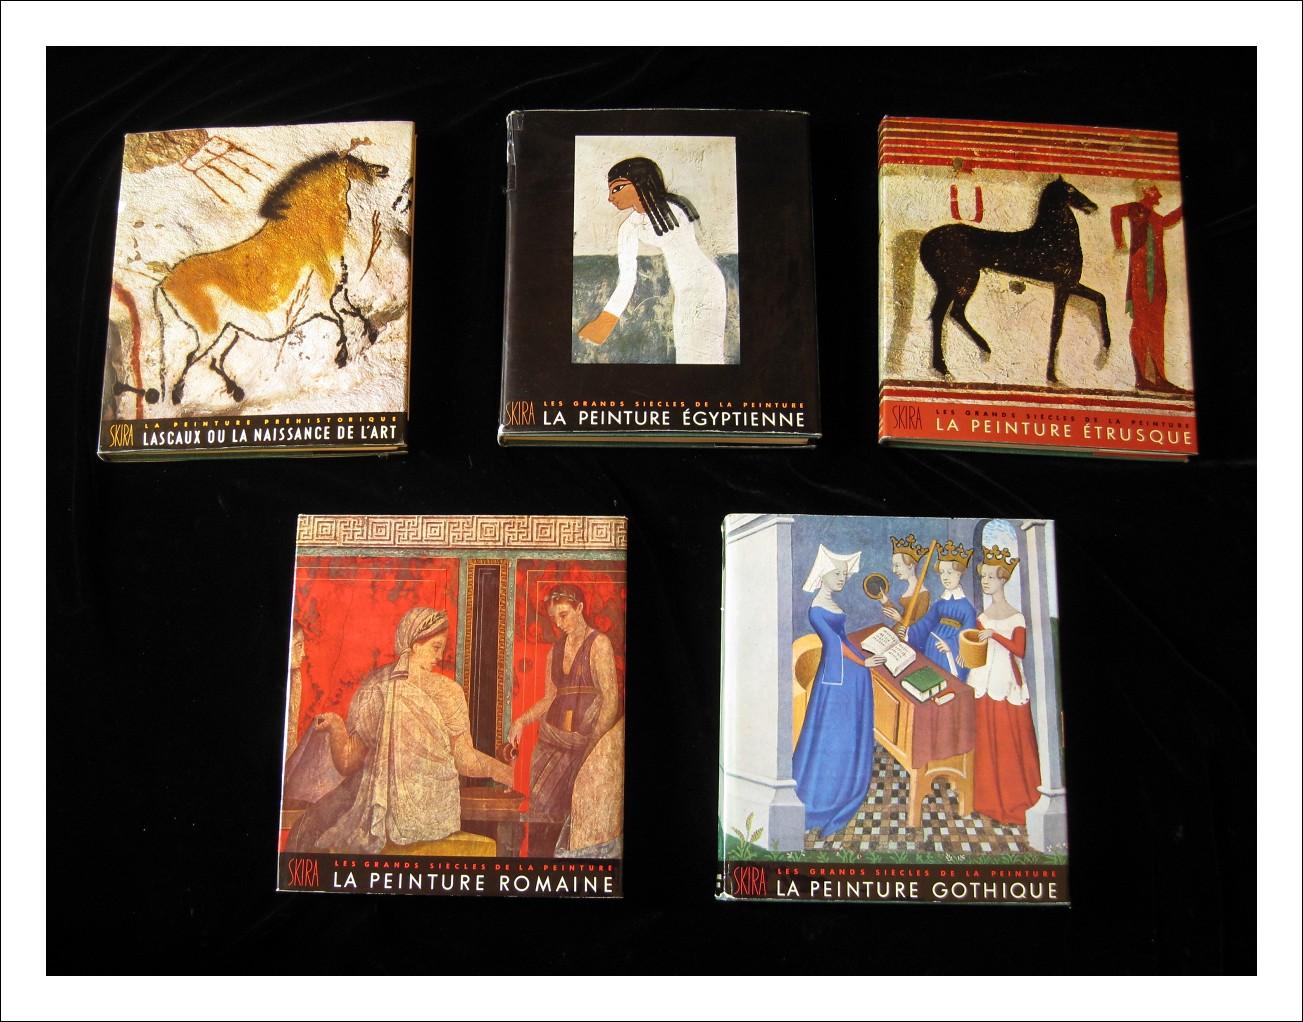 Les grands siecles de la peinture- 10 VOLUMI- Geneve: by Editions d'Art Albert Skira